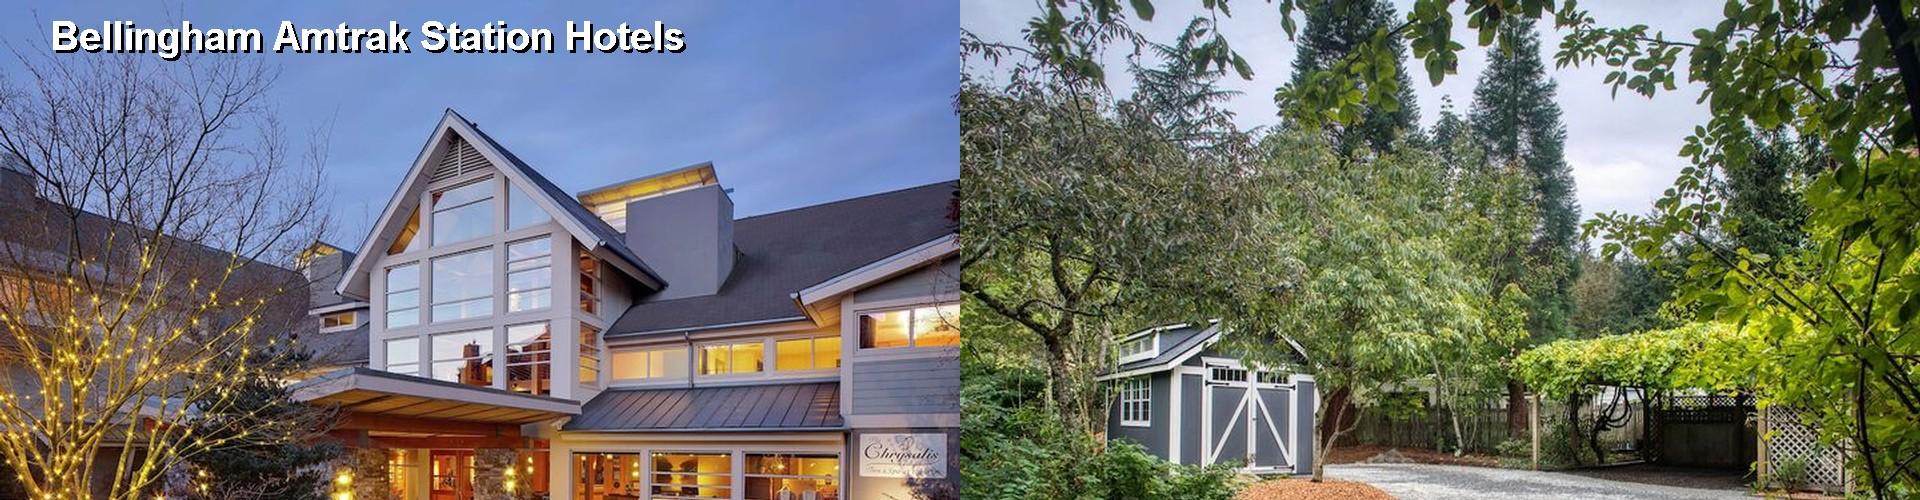 5 Best Hotels Near Bellingham Amtrak Station